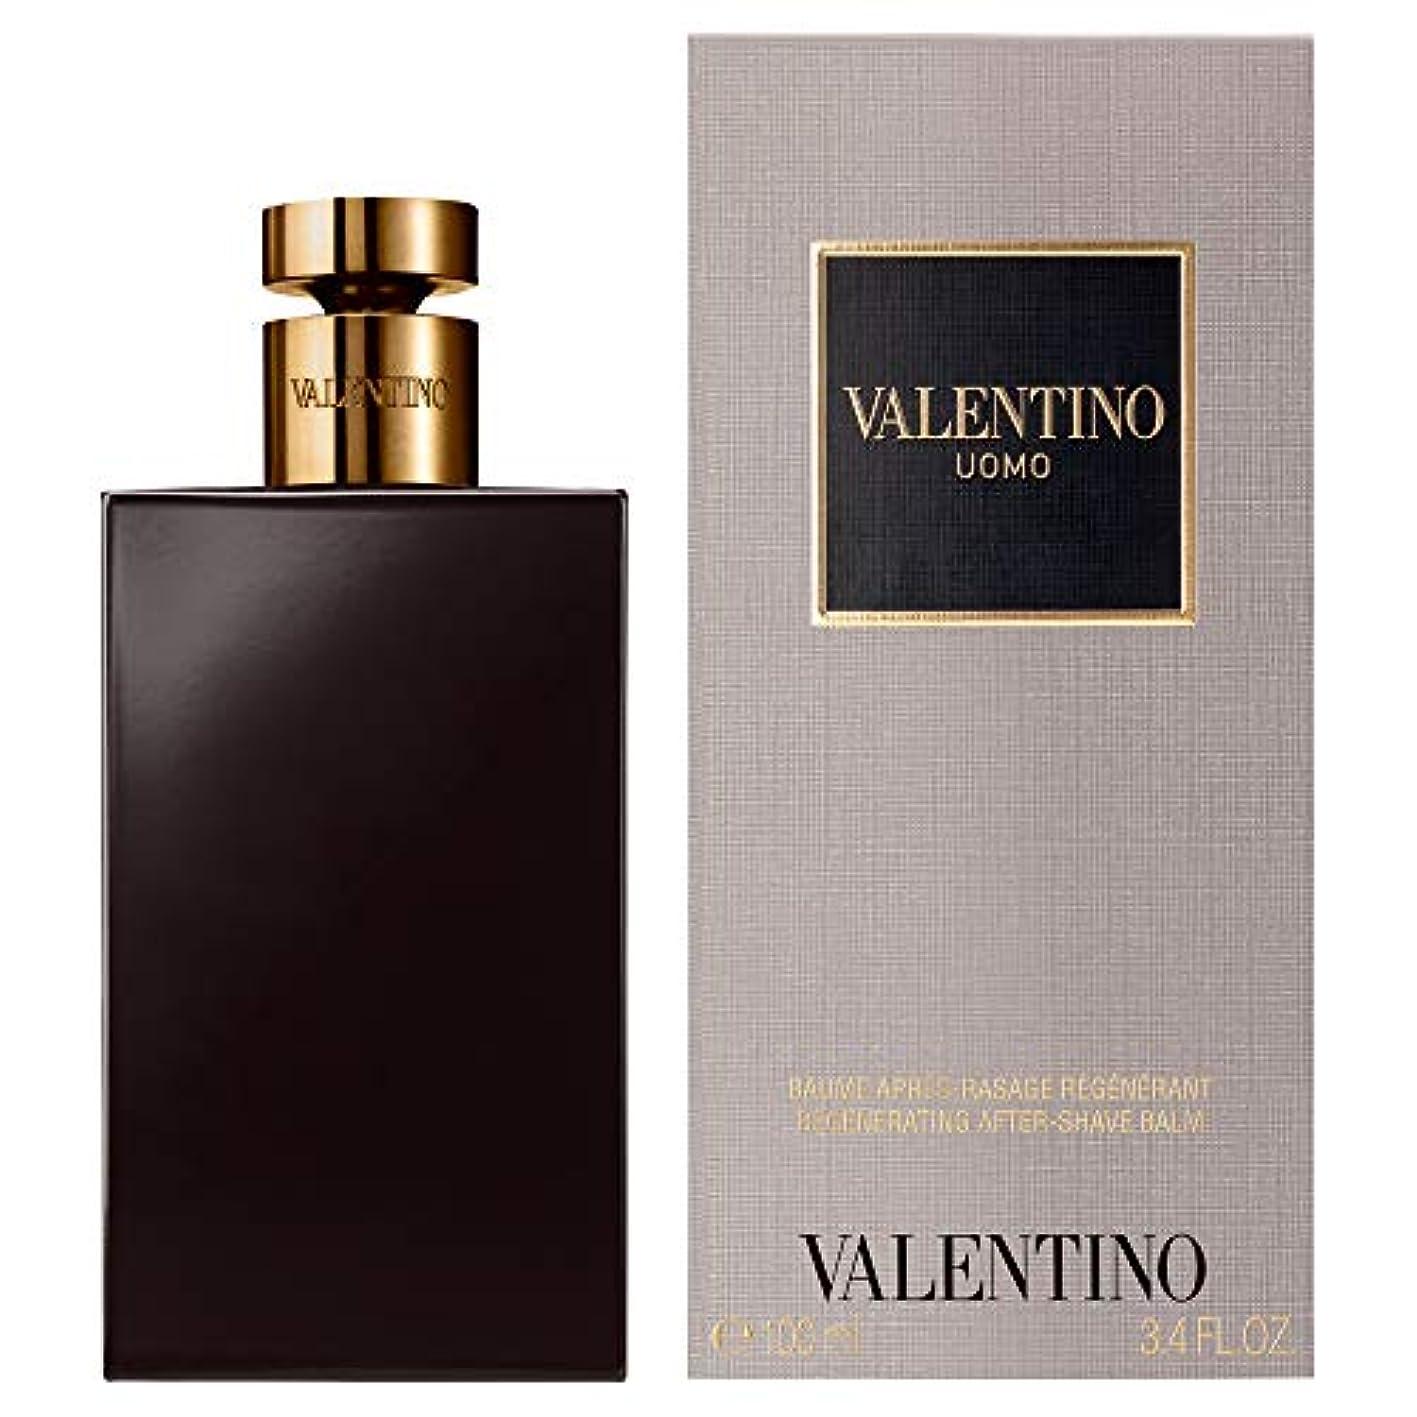 該当する社交的カエル[Valentino] バレンティーノ?ウォモとしてバーム100ミリリットル - Valentino Uomo AS Balm 100ml [並行輸入品]